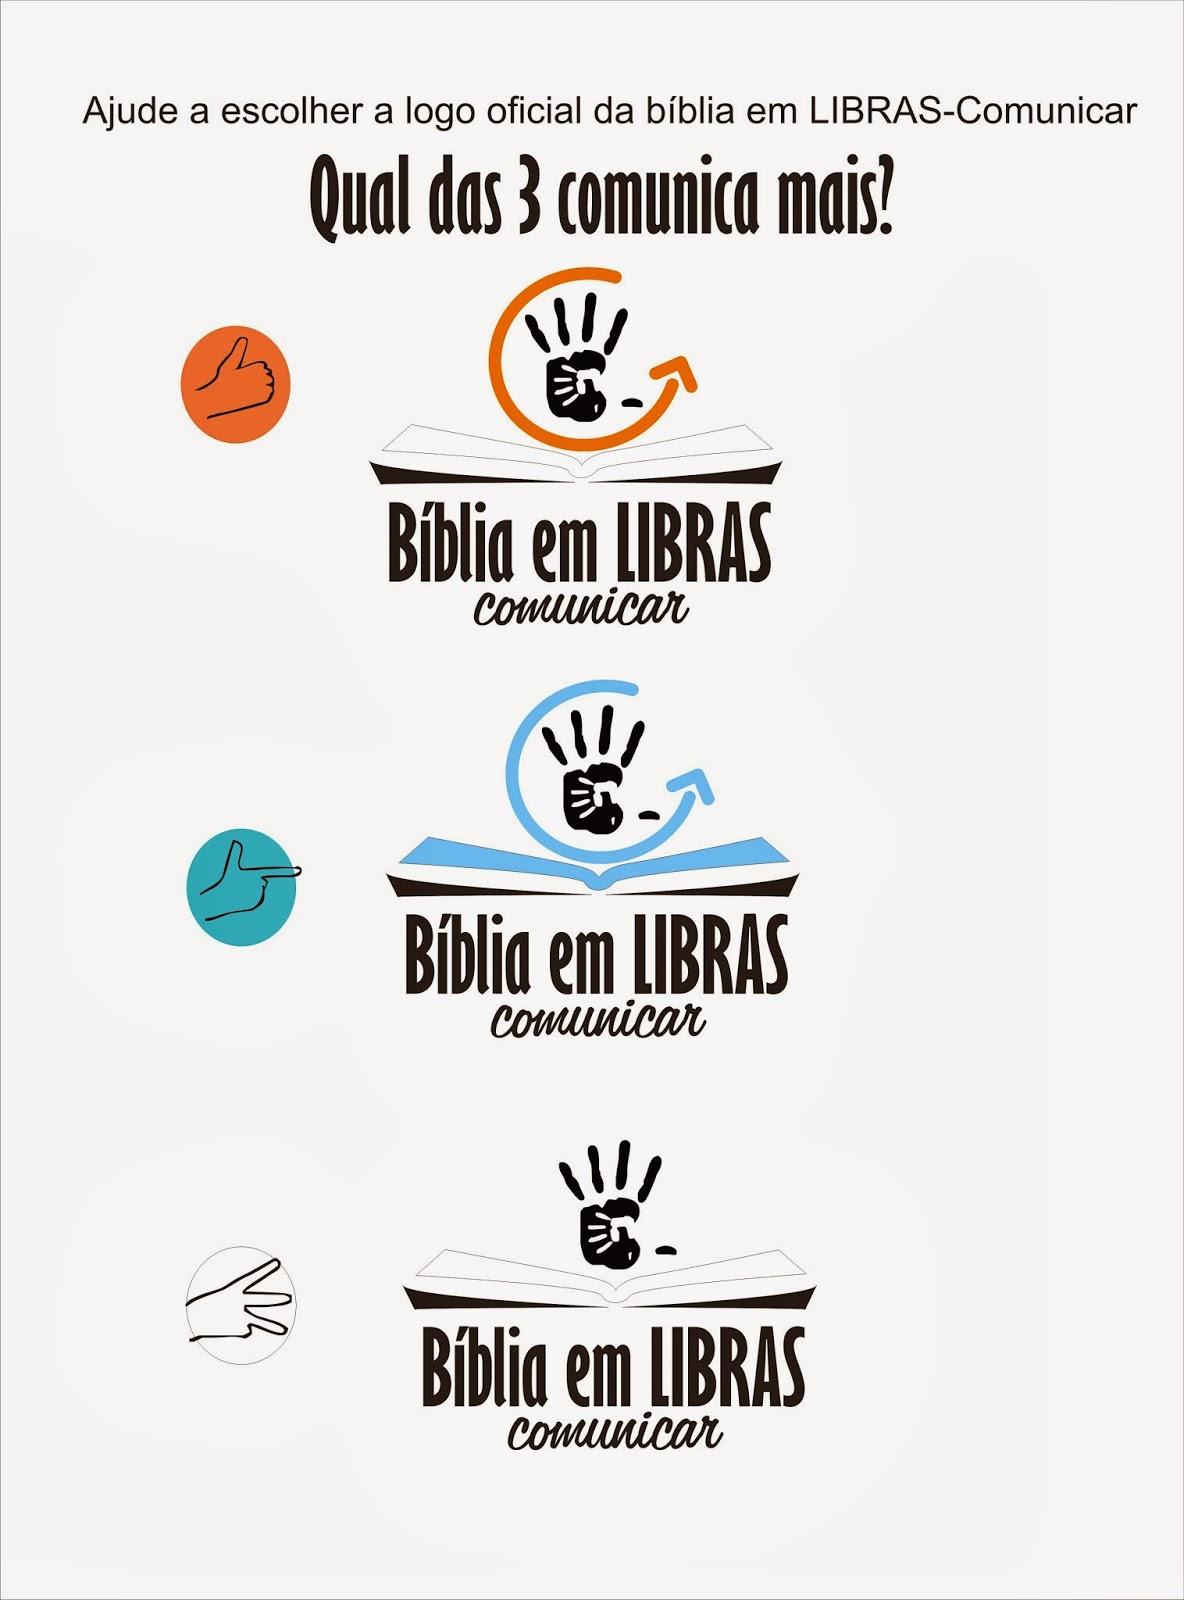 Comunicar ministério com / de surdos: bíblia em LIBRAS Comunicar #B64D15 1184 1600